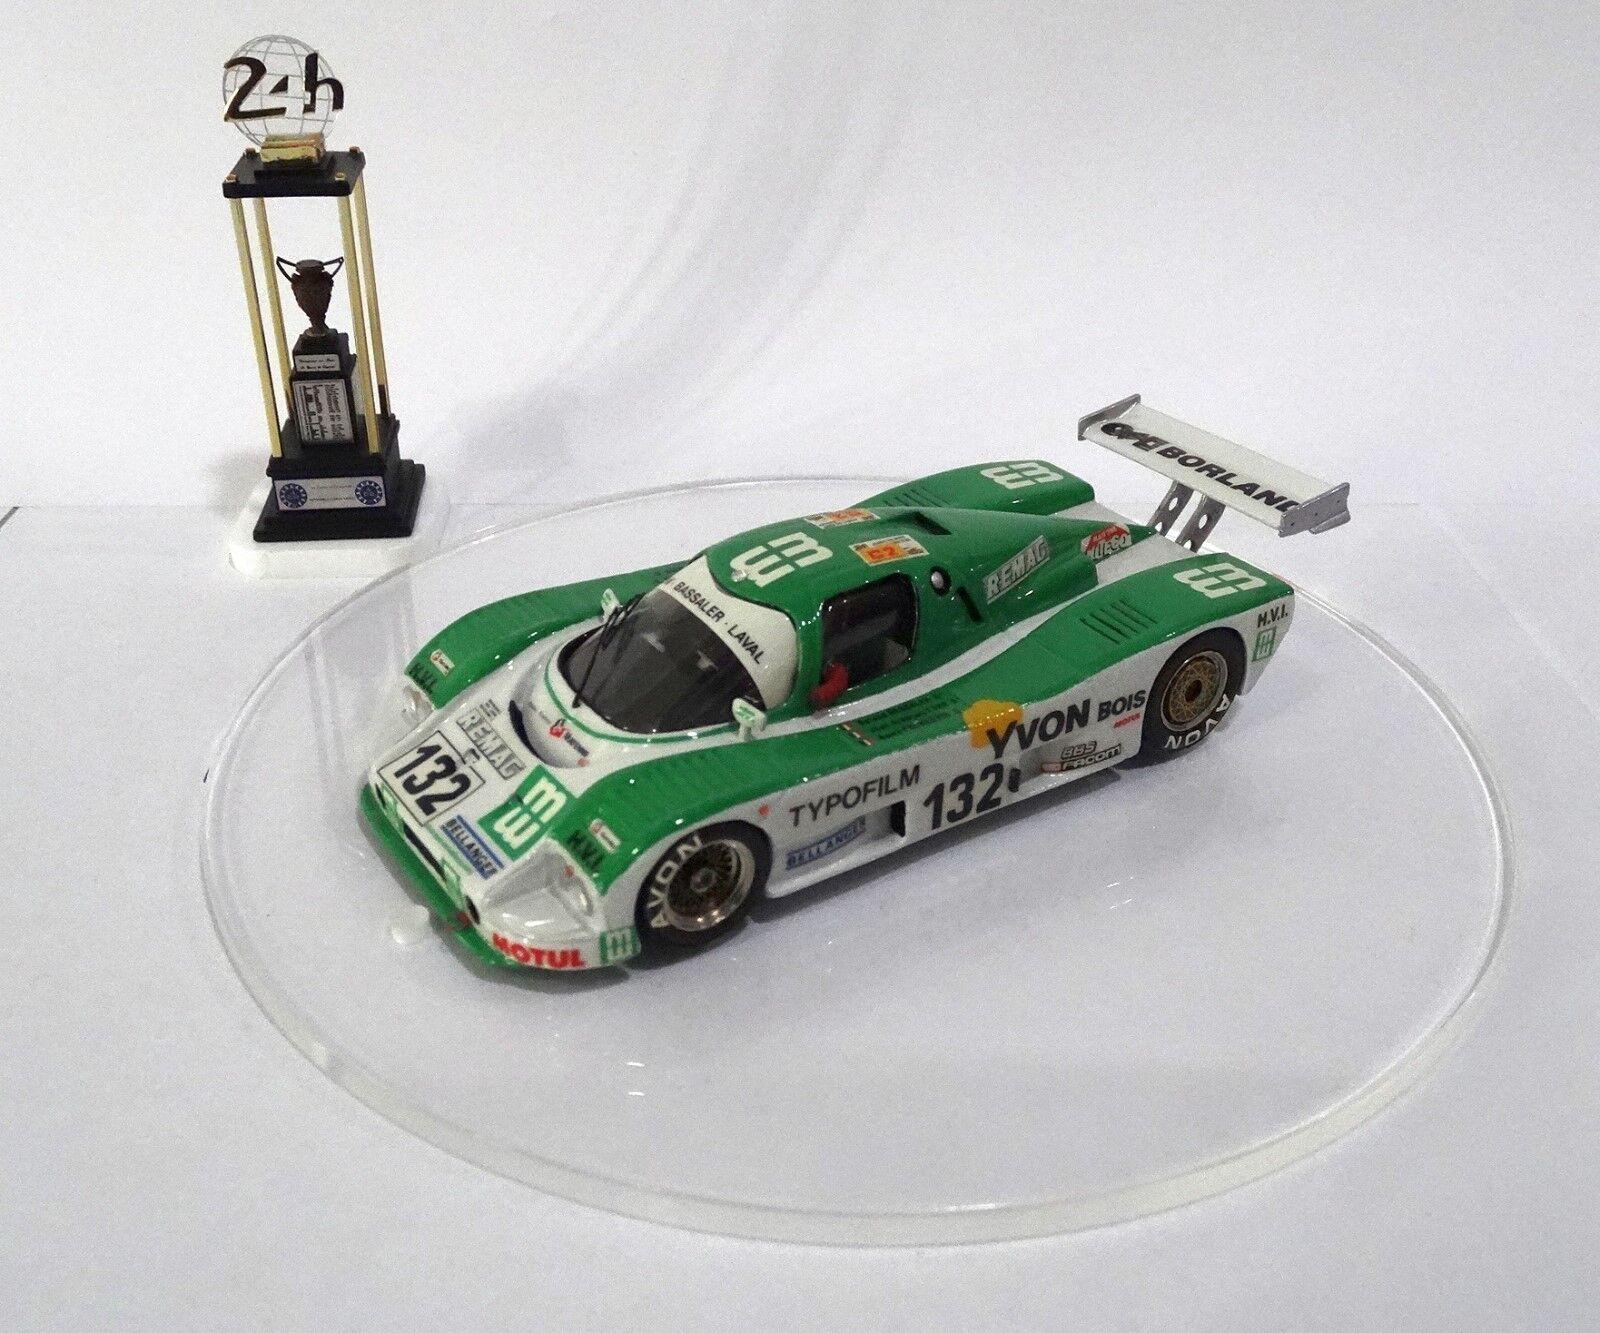 mejor oferta SAUBER C6 typofilm  132 Le Mans 24 H 1988 1988 1988 Built Monté Kit 1 43 no spark  bienvenido a orden